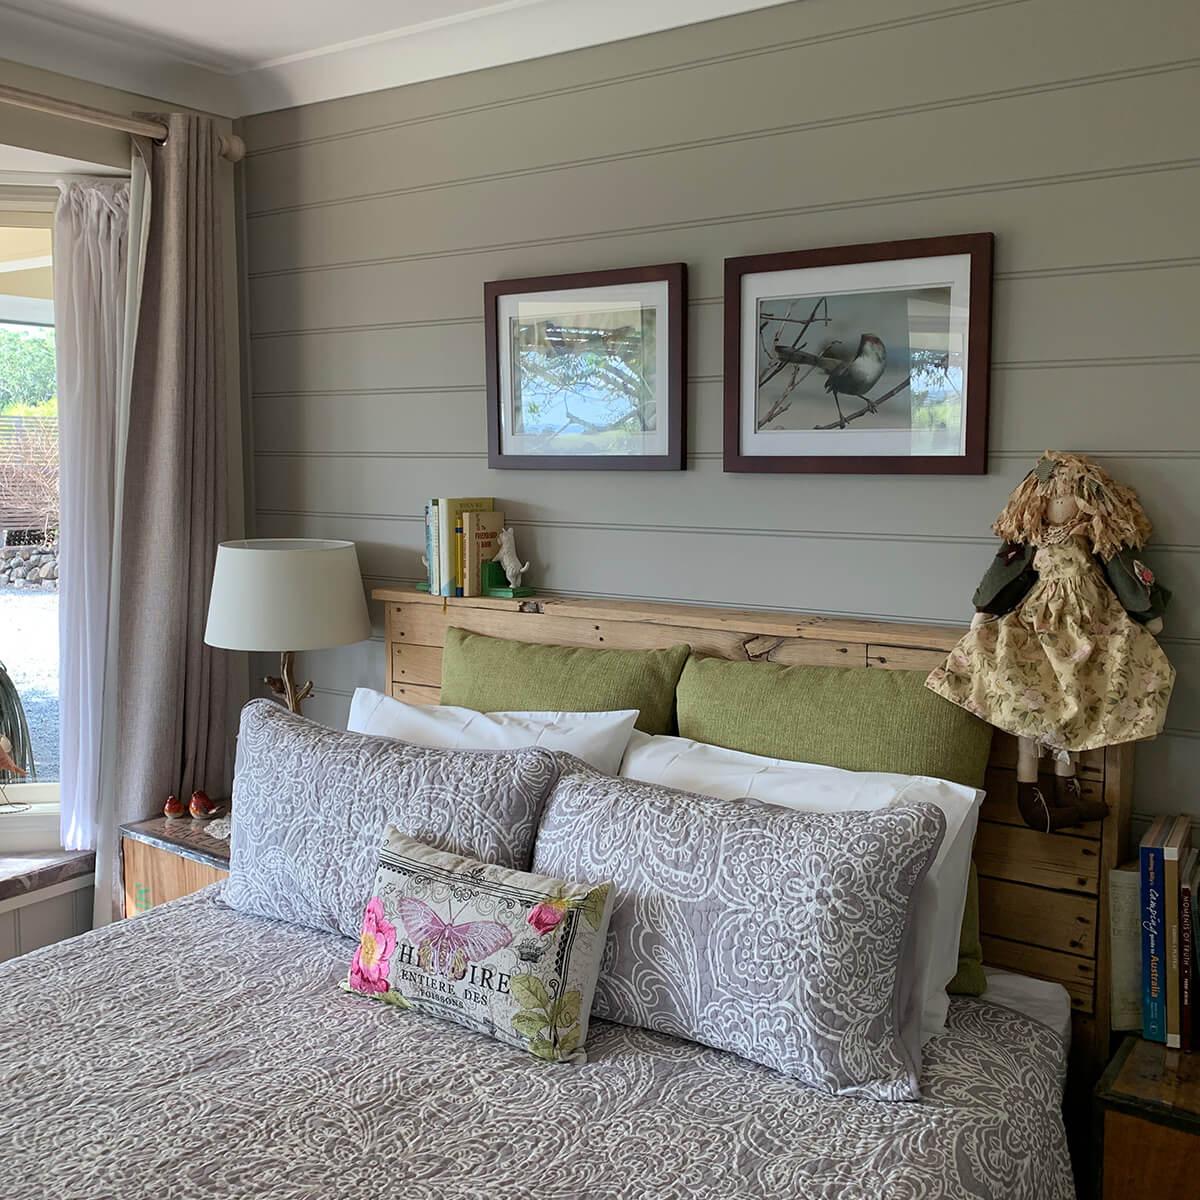 wren-room-bedroom